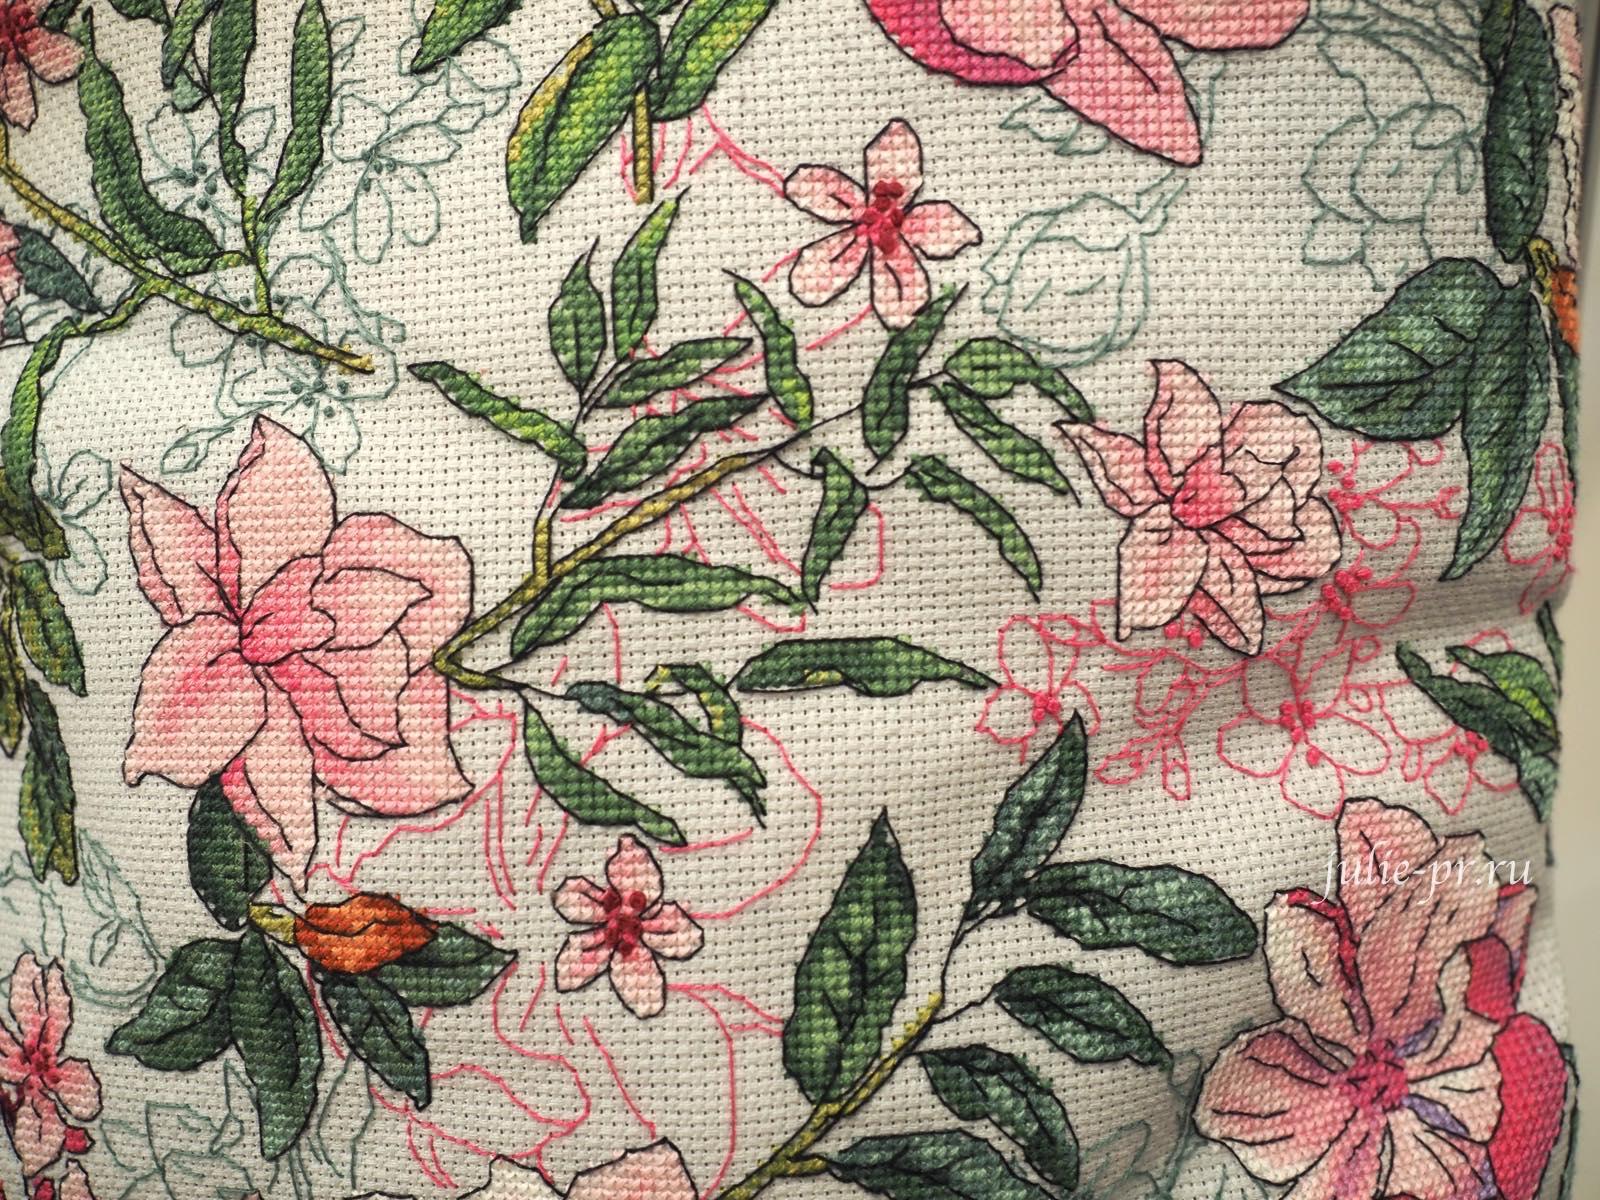 панна, формула рукоделия осень 2021, вышивка крестом, выставка